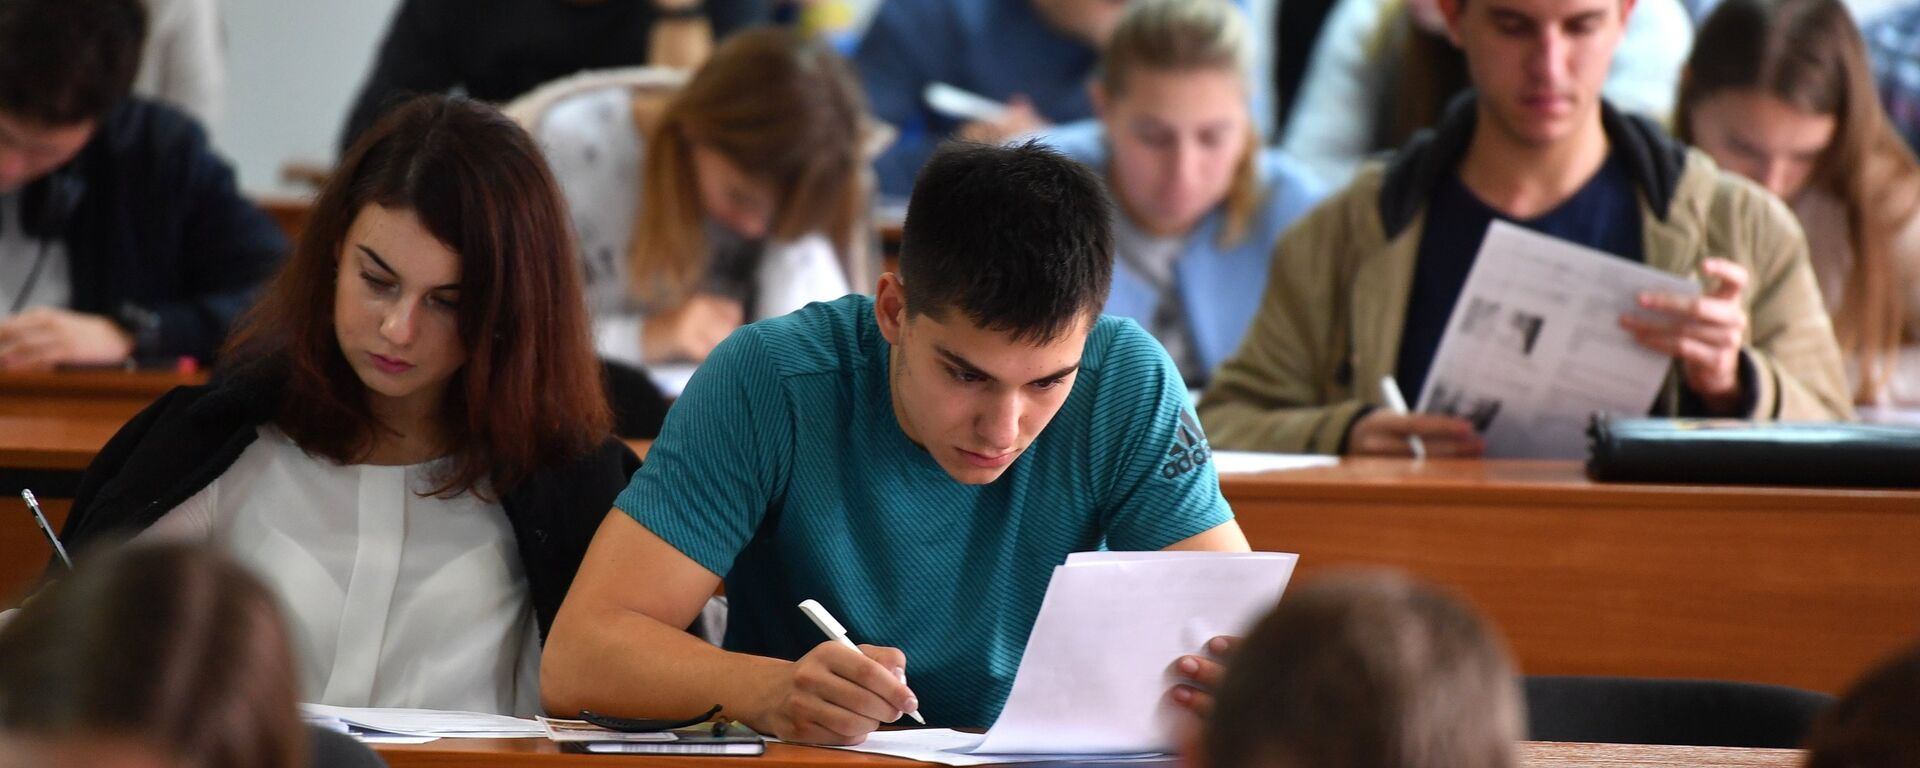 Студенты на лекции - Sputnik Таджикистан, 1920, 25.05.2021